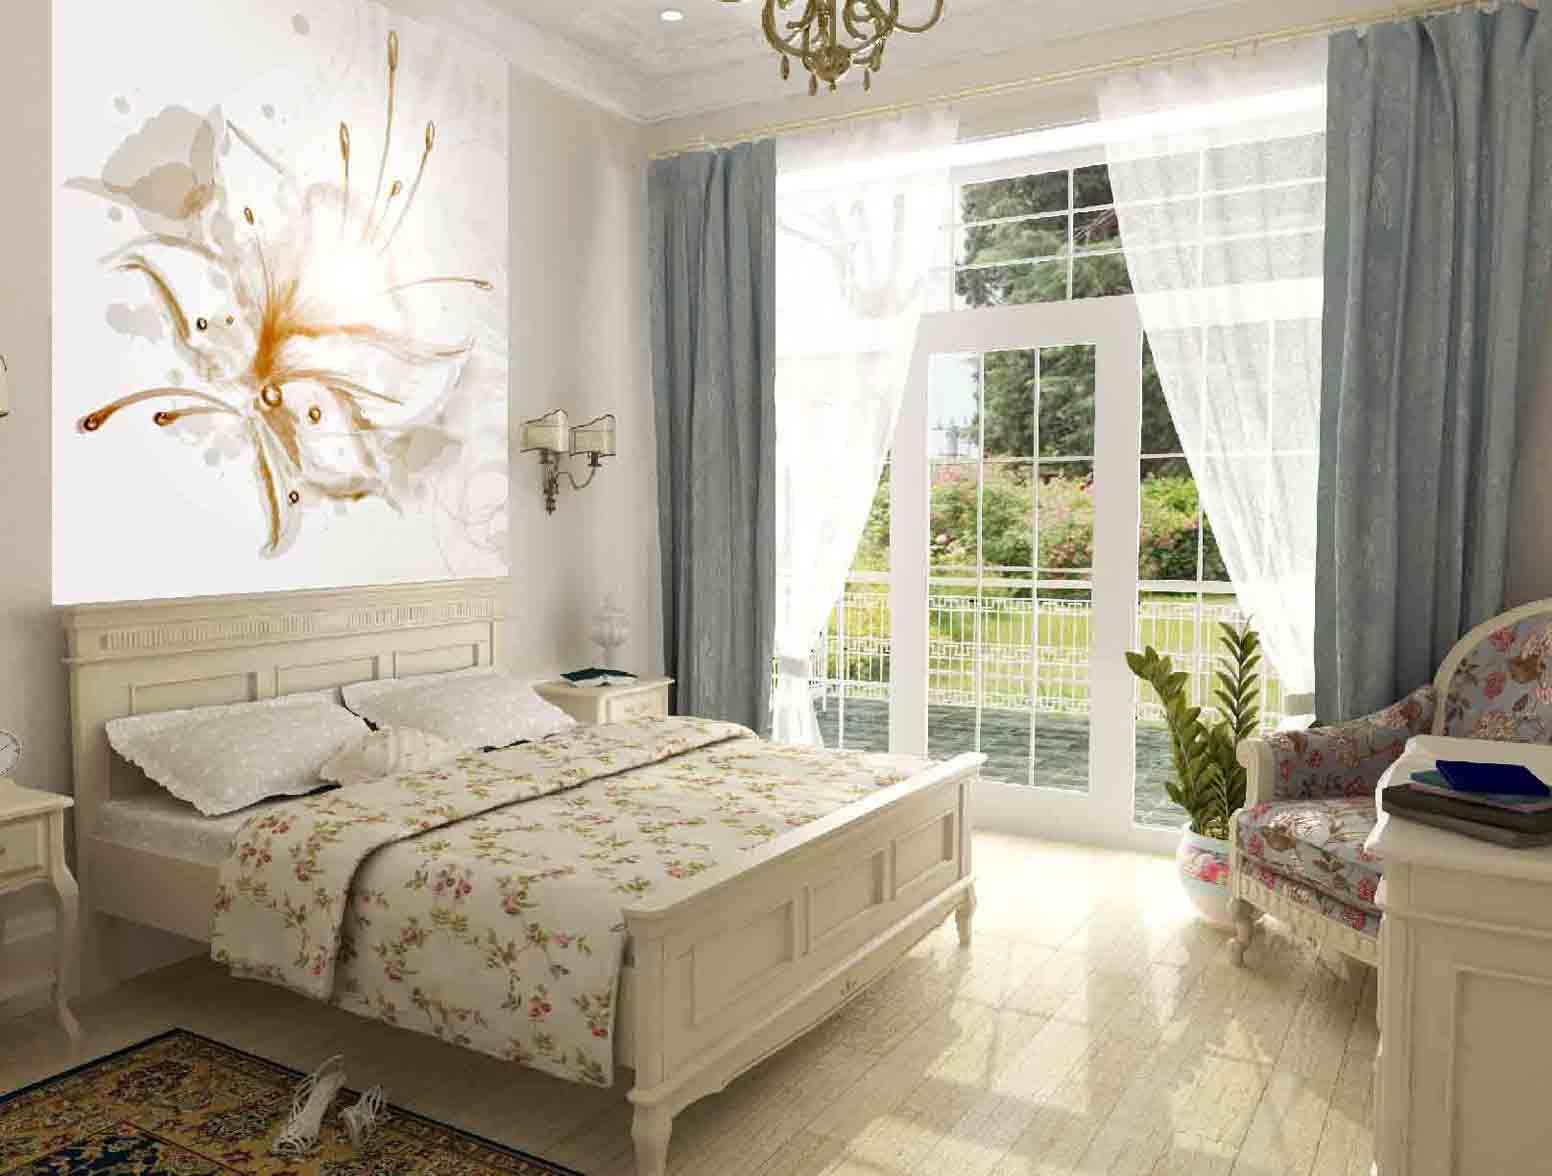 фотообои над кроватью пастельных тонов